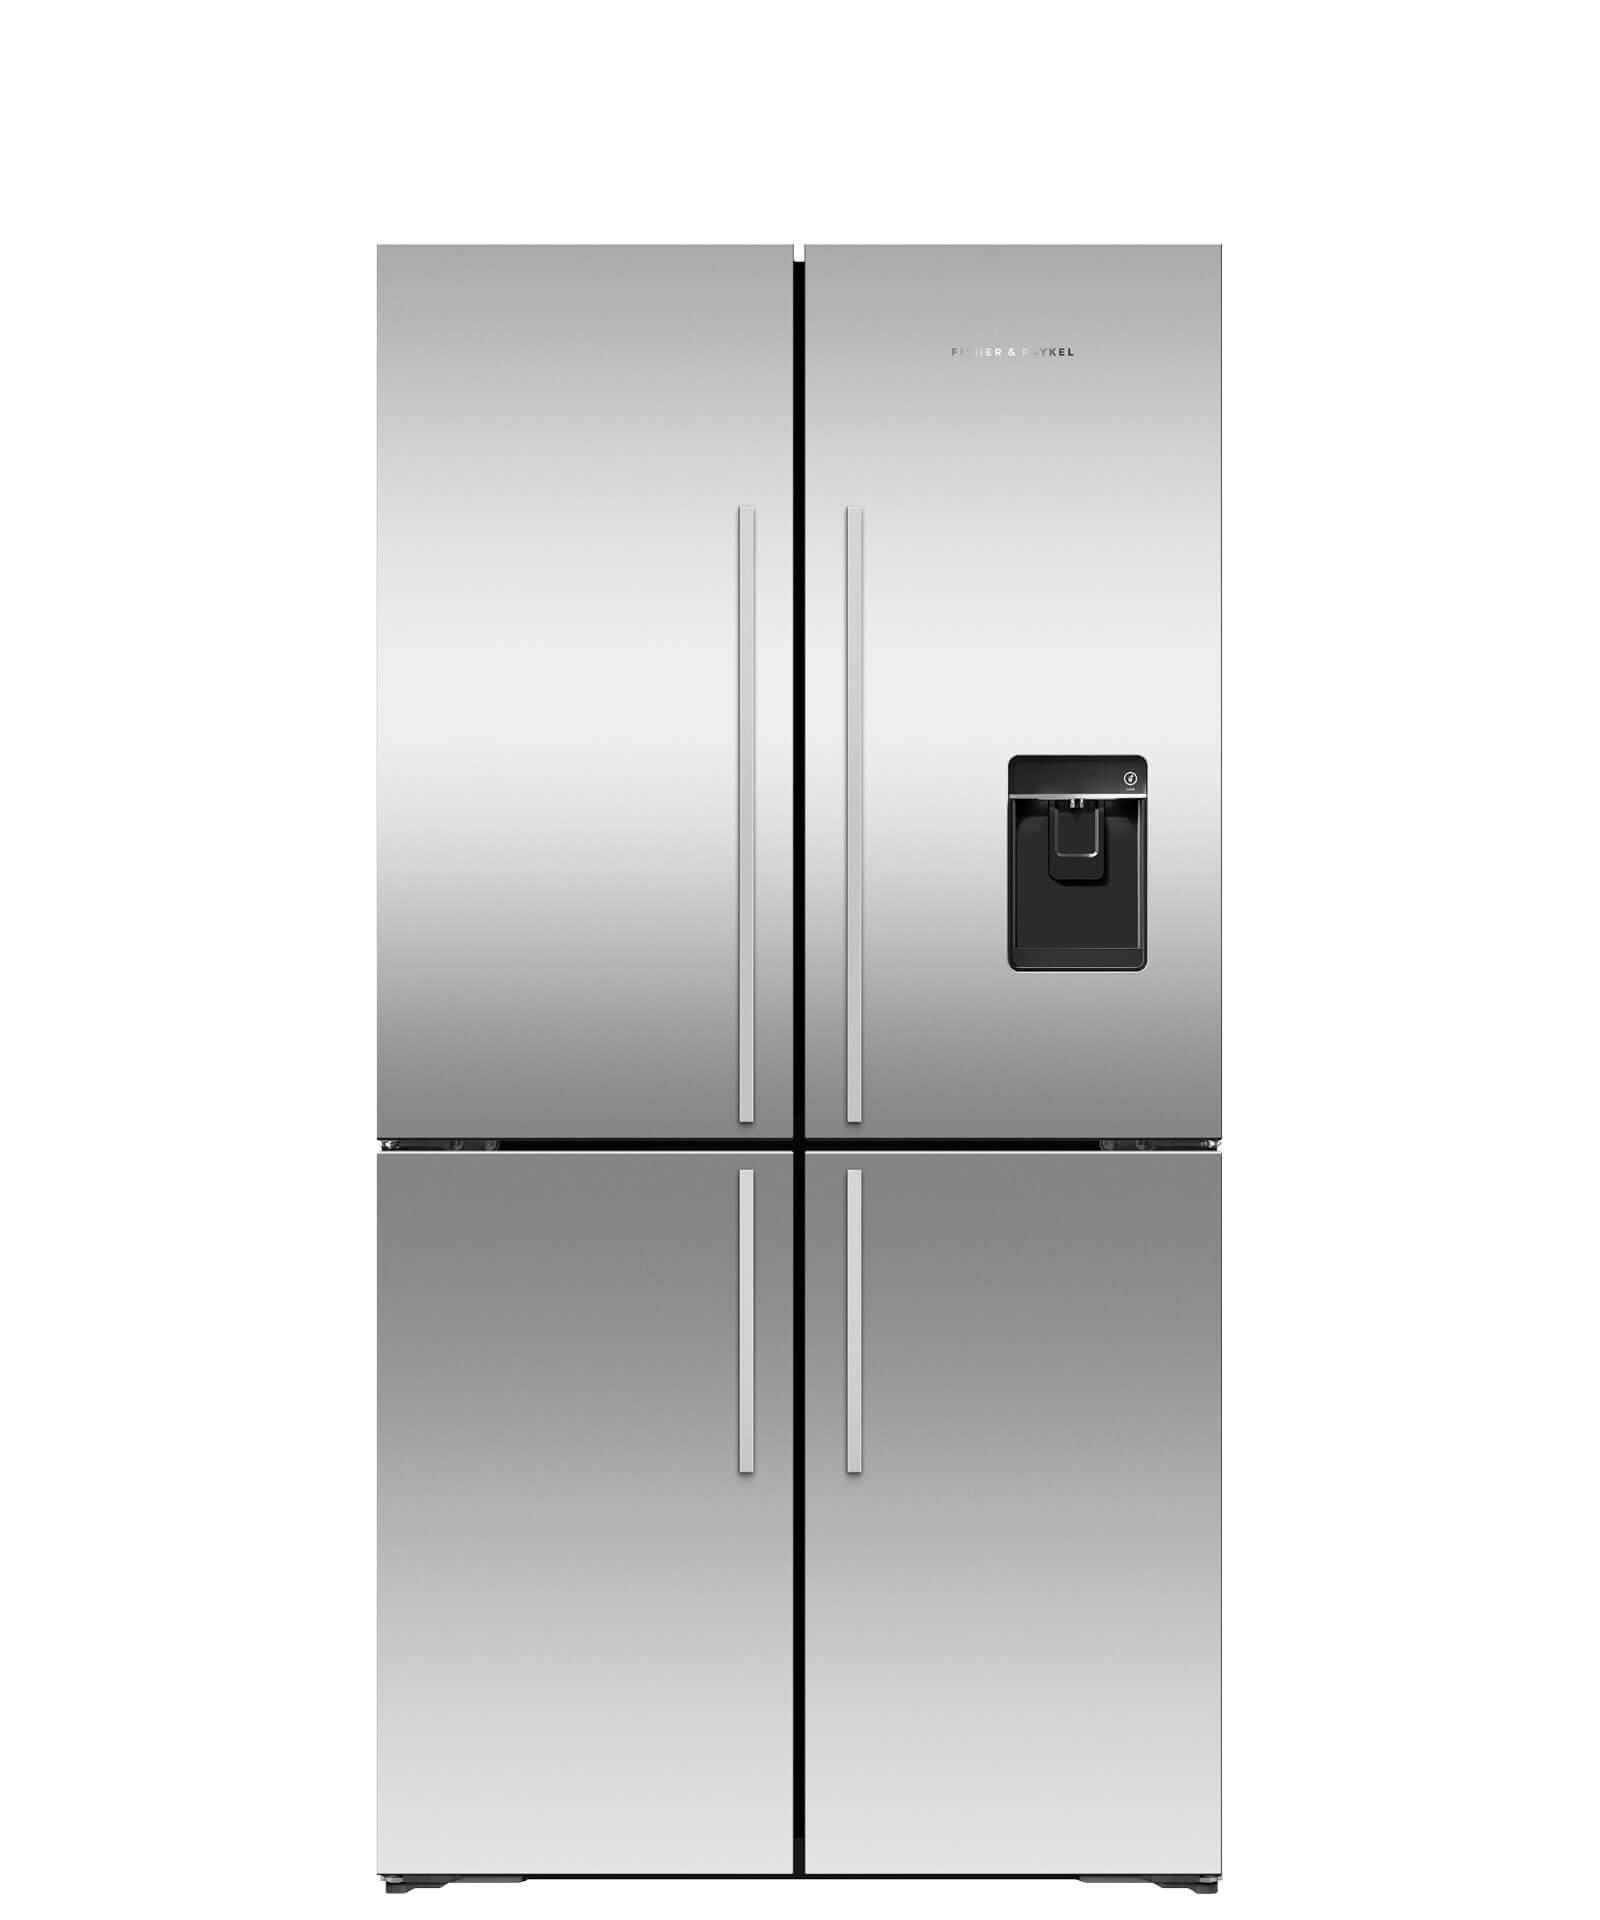 Fisher and Paykel ActiveSmart™ Refrigerator - 18.9 cu ft. counter depth Quad Door, Ice & Water